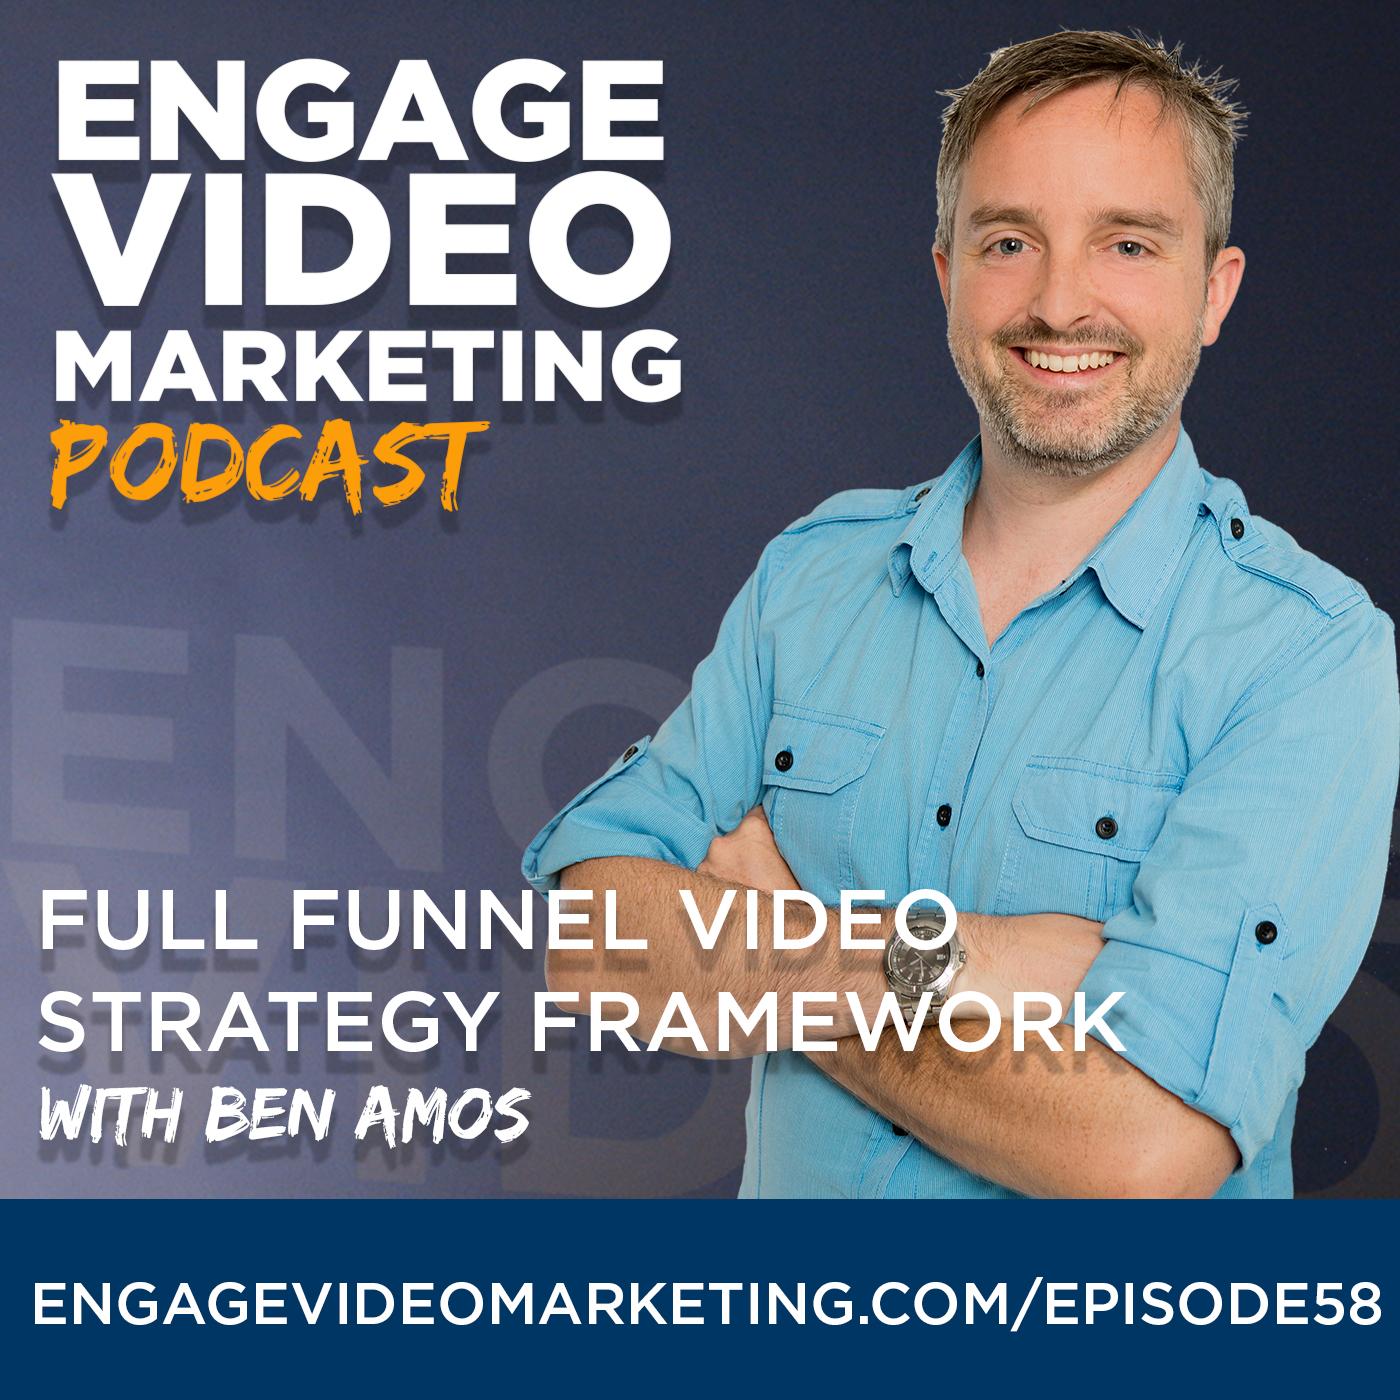 A Full Funnel Video Framework